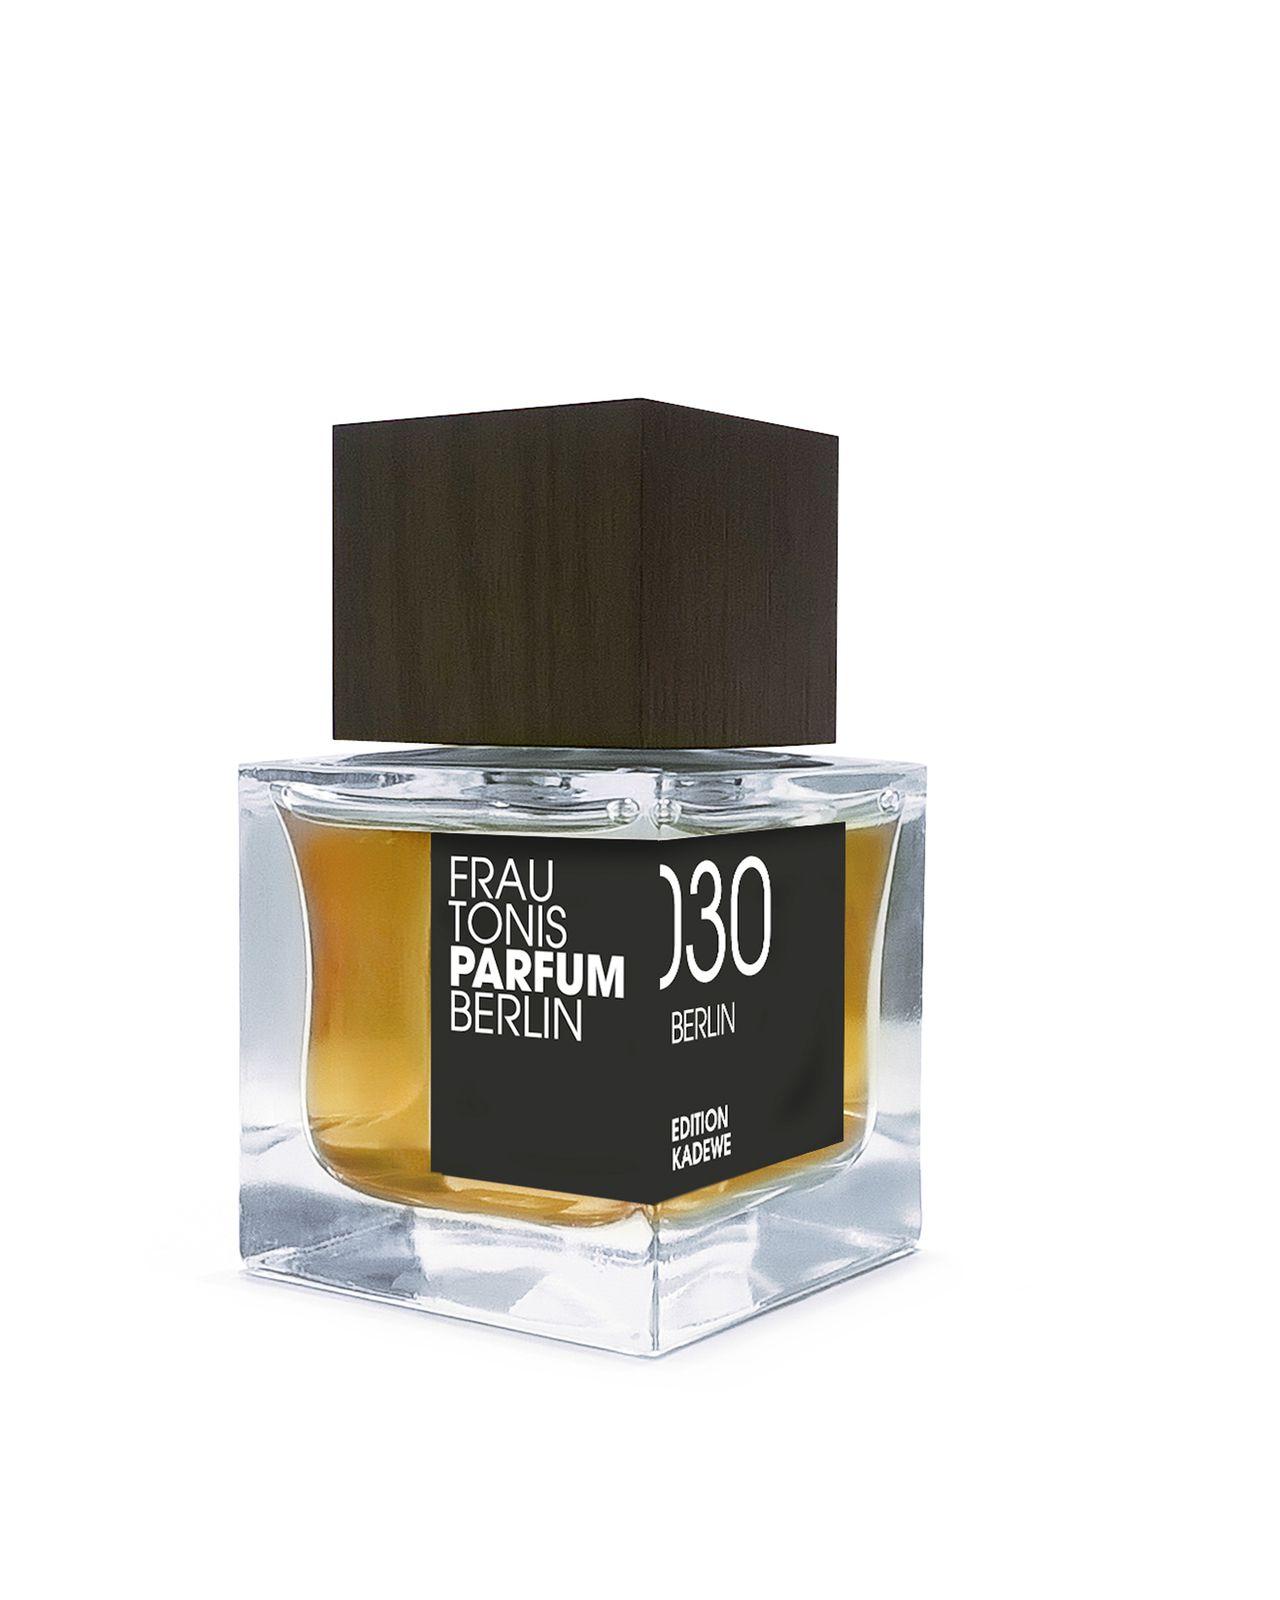 Kadewe Online Shop: Frau Tonis Parfum 030 Berlin